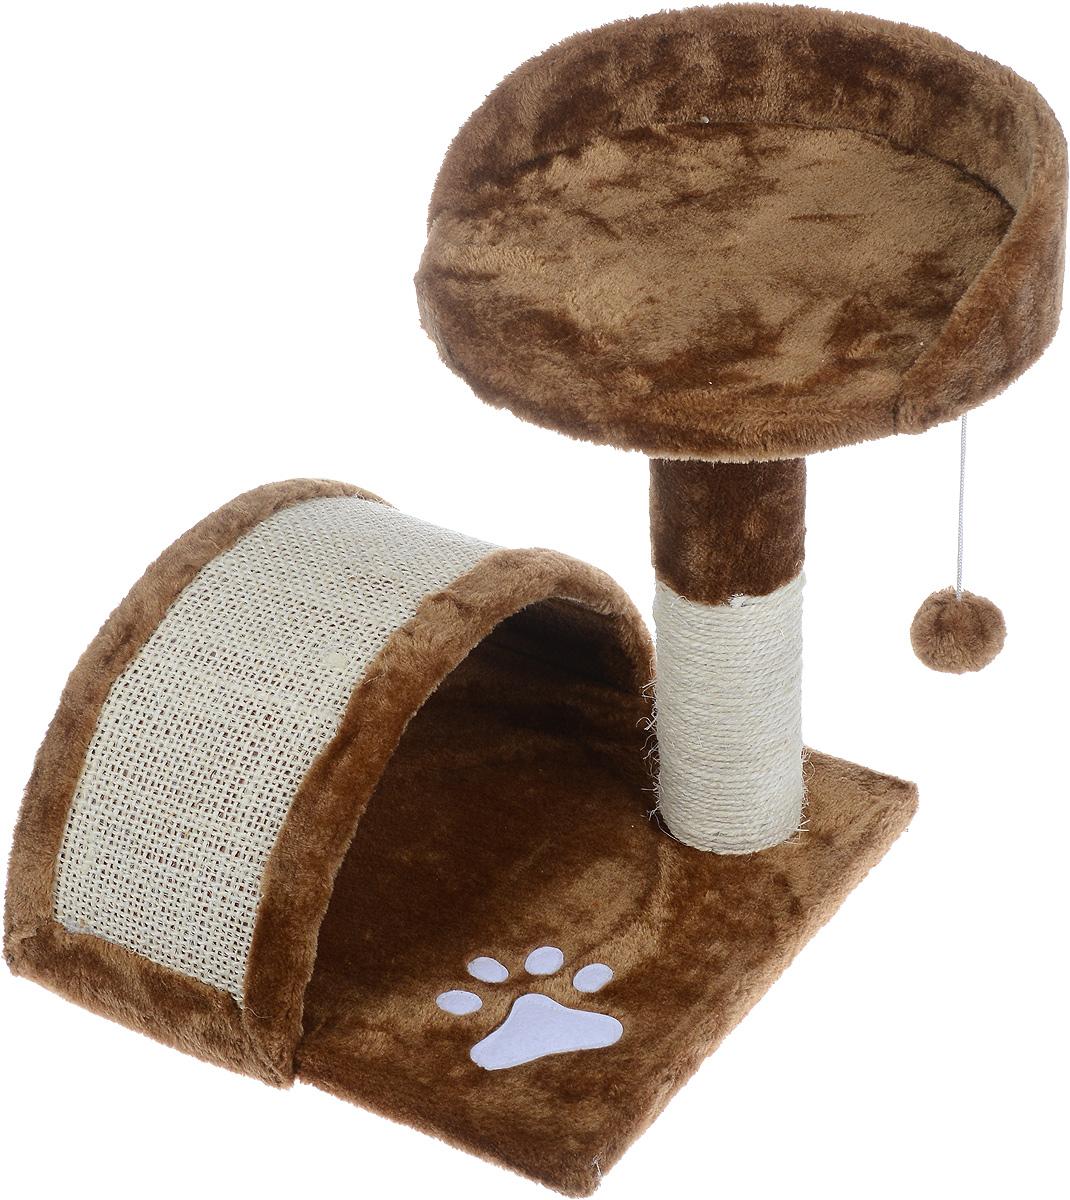 Когтеточка Aimigou, с полкой и игрушками, цвет: коричневый, белый, 43 х 42 х 42 смQQ80324-8Когтеточка Aimigou поможет сохранить мебель и ковры в доме от когтей вашего любимца, стремящегося удовлетворить свою естественную потребность точить когти. Когтеточка изготовлена из ДСП, искусственного меха и сизаля. Товар продуман в мельчайших деталях и, несомненно, понравится вашей кошке. Сверху имеется полка. Точить когти ваш питомец будет о полукруглую горку или столбик с покрытием из сизаля. Под горкой расположена мягкая игрушка в виде рыбки.Всем кошкам необходимо стачивать когти. Когтеточка - один из самых необходимых аксессуаров для кошки. Для приучения к когтеточке можно натереть ее сухой валерьянкой или кошачьей мятой. Когтеточка поможет вашему любимцу стачивать когти и при этом не портить вашу мебель.Размер основания: 34 х 34 см.Высота когтеточки (с учетом полки): 42 см.Размер полки: 30,5 х 30 см.